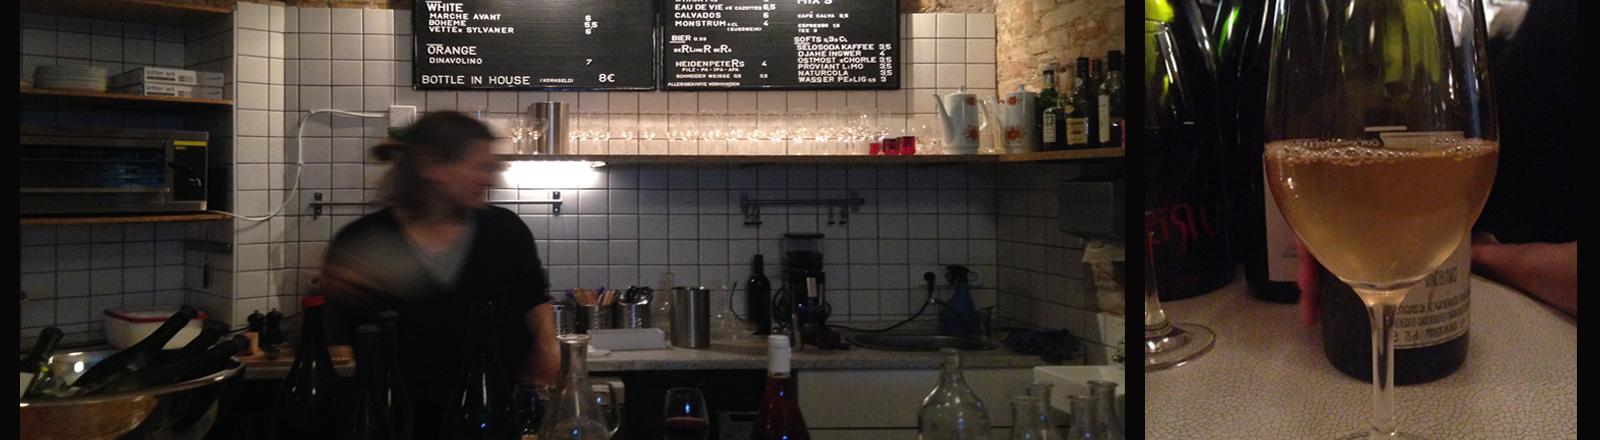 Die Weinbar Ja Ja in Berlin. Dort gibt es Naturwein.